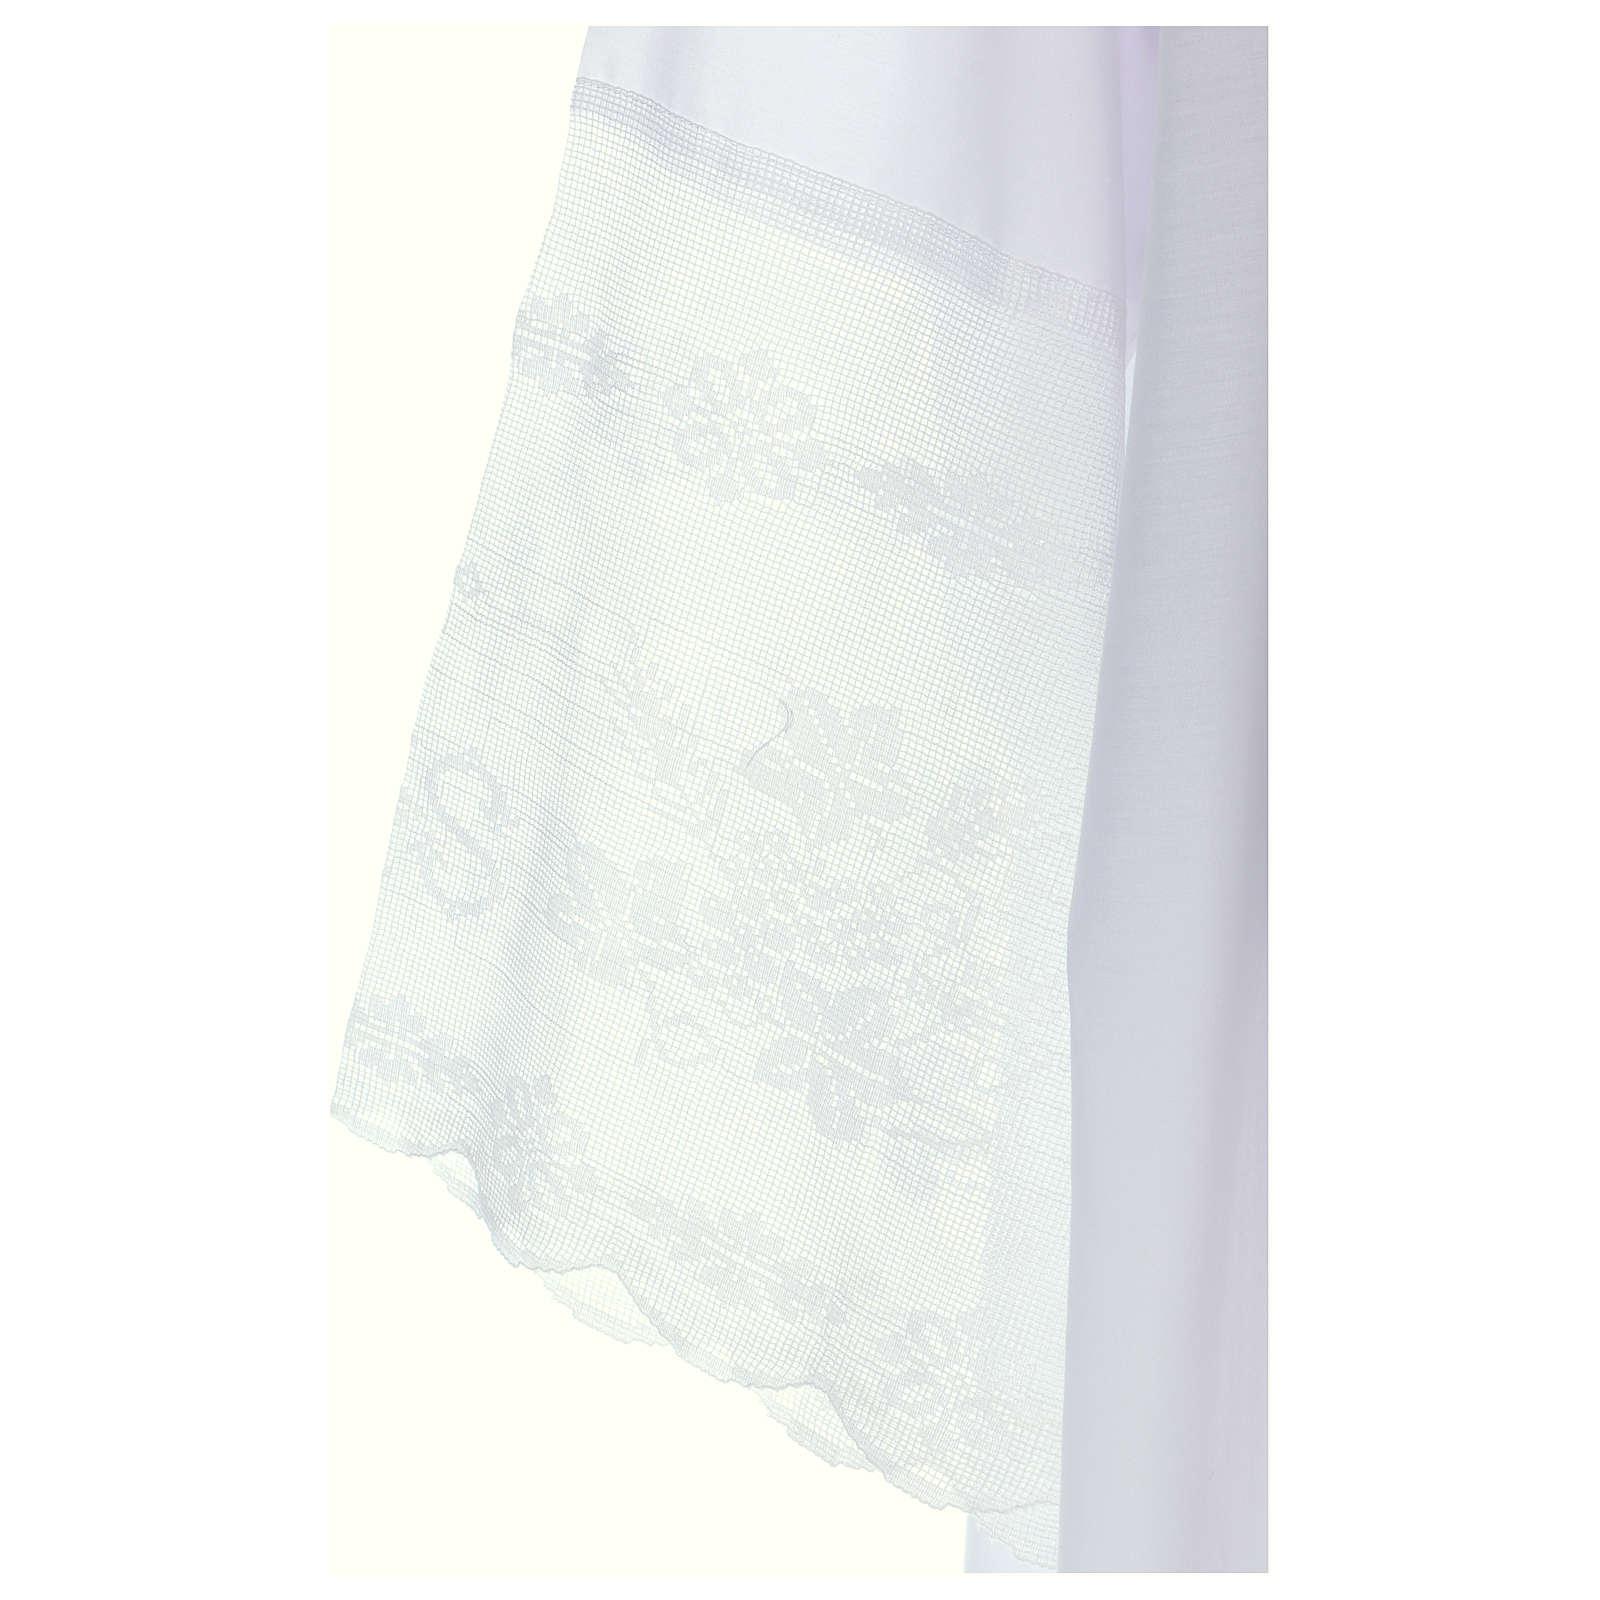 Alba bawełna mieszana dekolt kwadratowy plisy koronka IHS 4